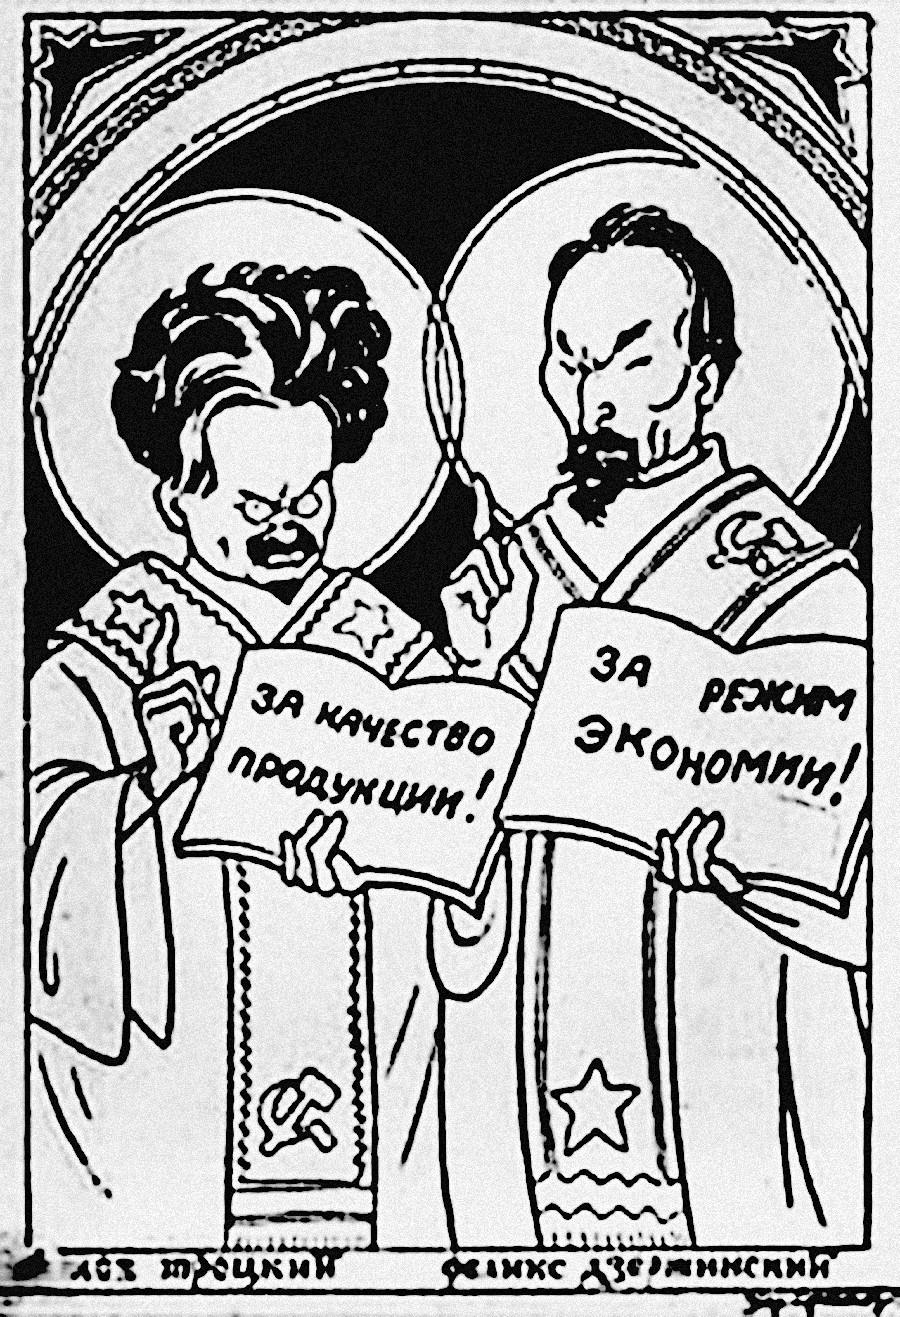 Lav Trocki i Feliks Dzeržinski, koji je sredinom 20-ih godina bio direktor Vrhovnog vijeća narodne ekonomije, prikazani su kao sveci. Trocki drži natpis: